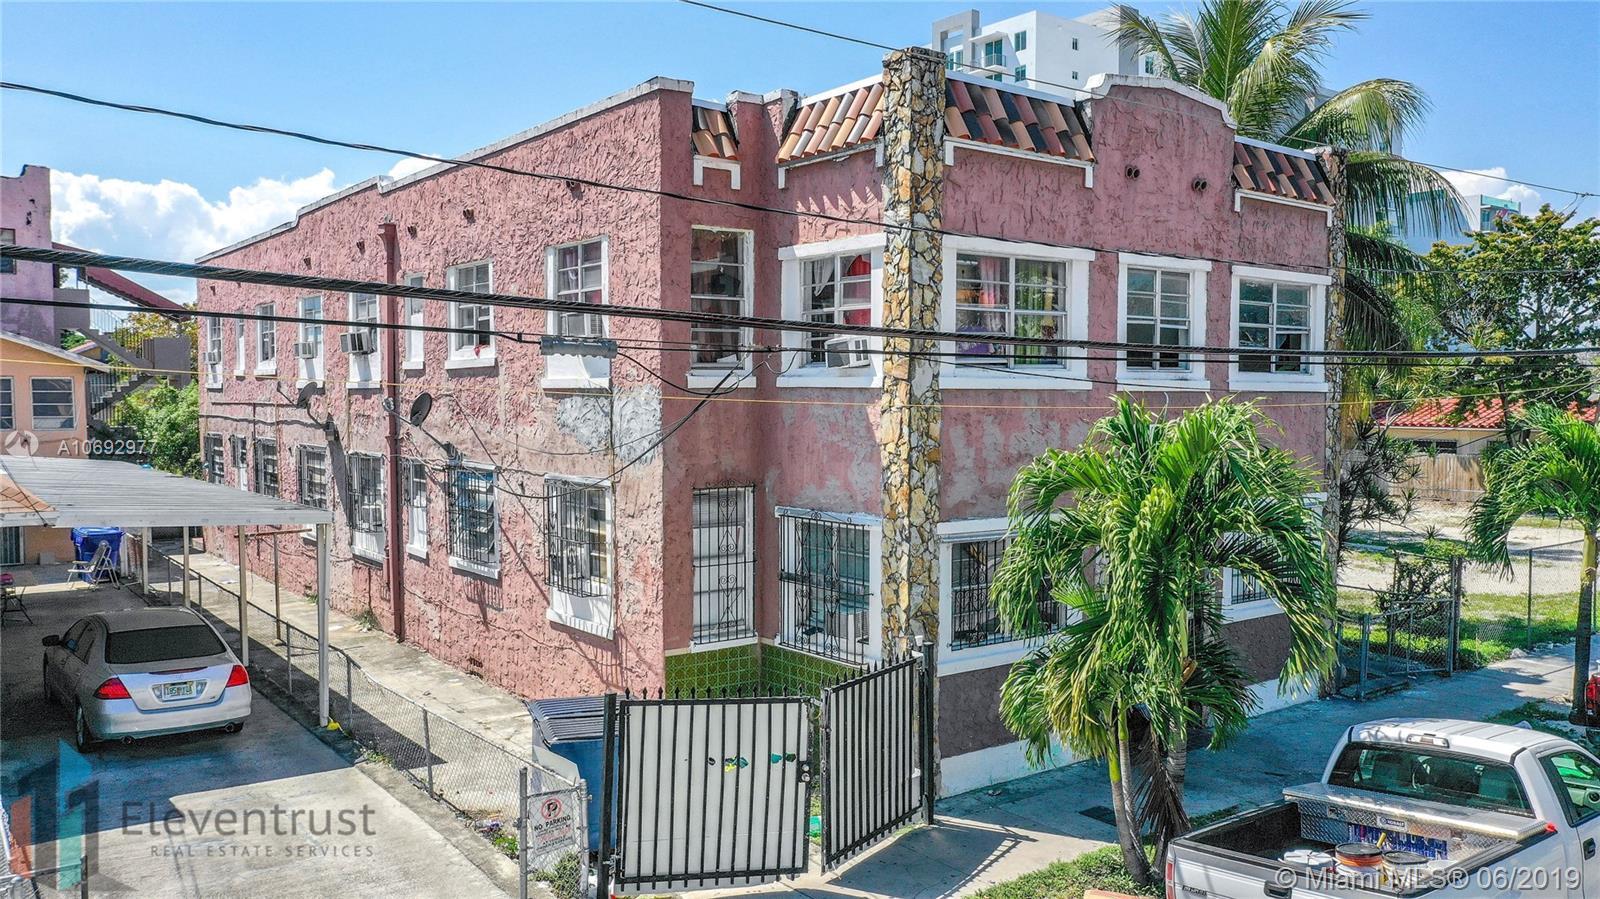 120 NW 7th Ave, Miami, FL 33128